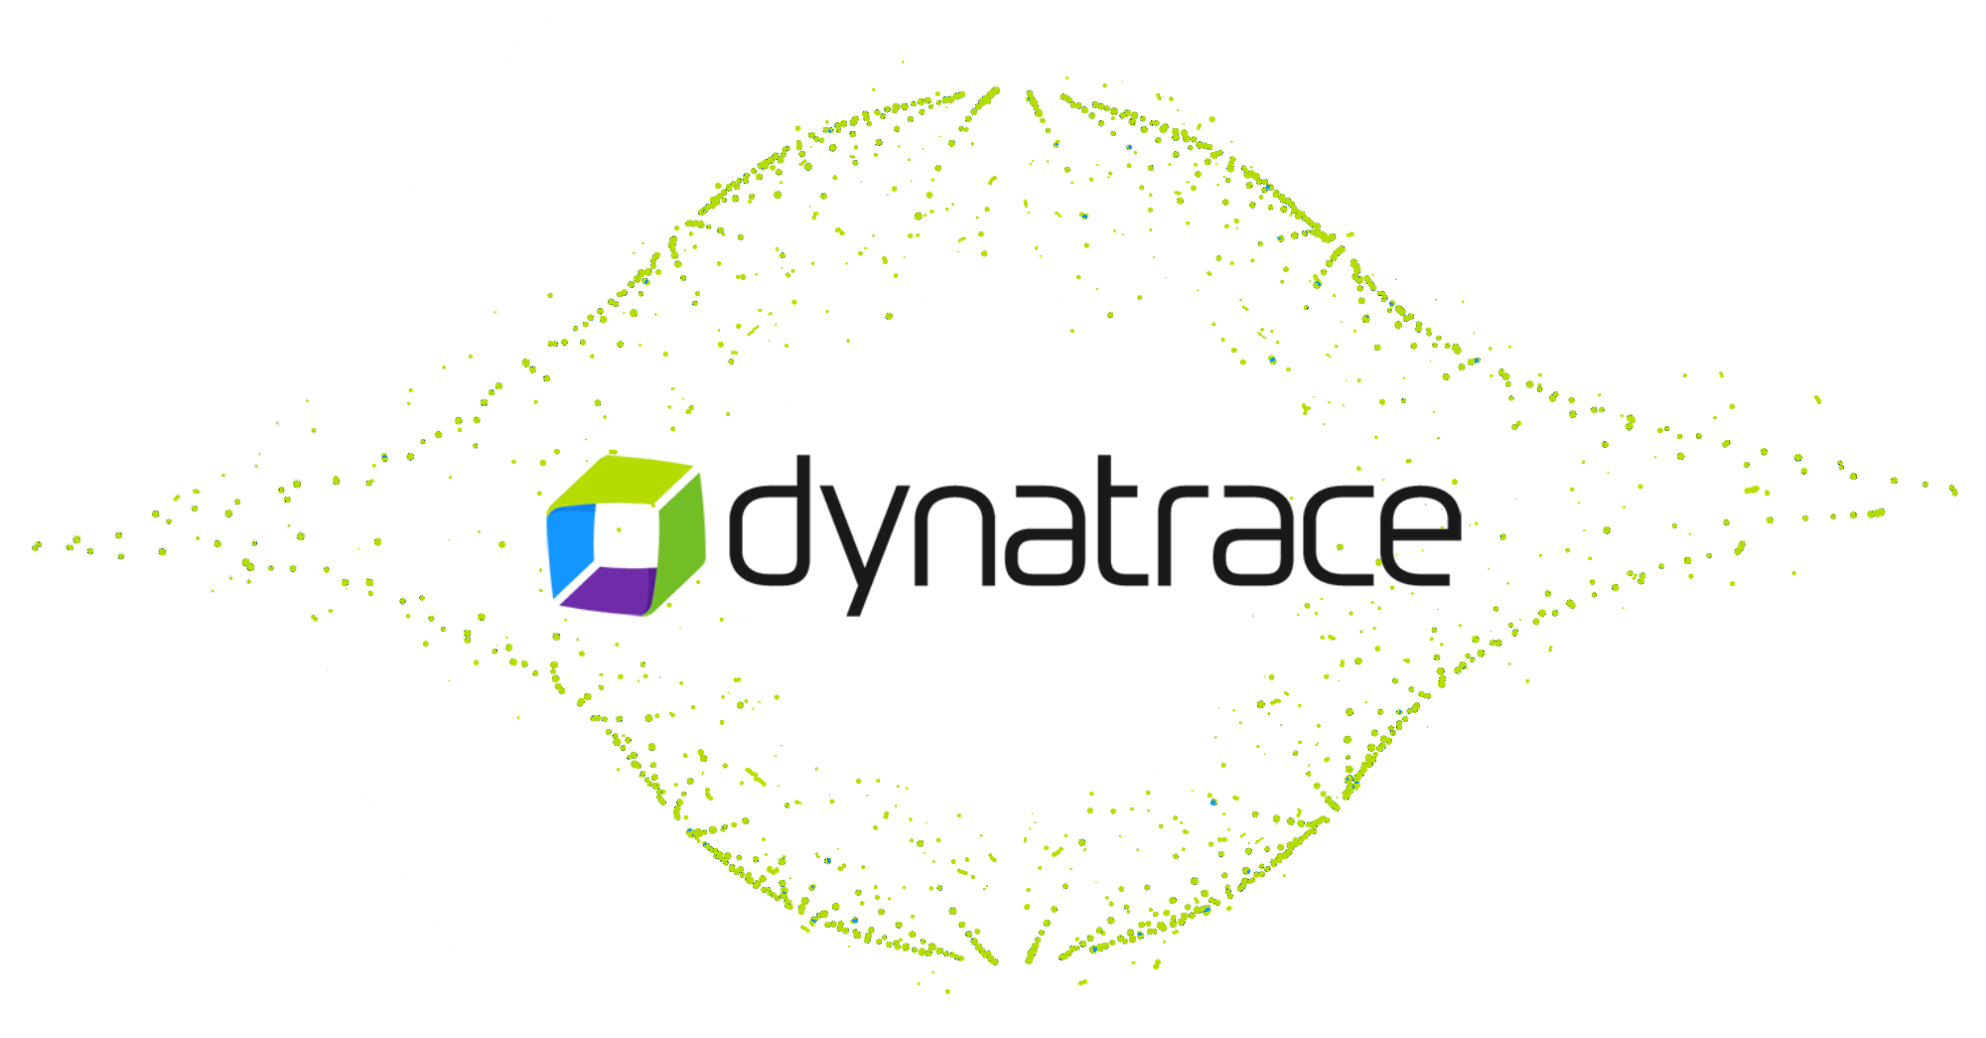 Dynatrace Integration